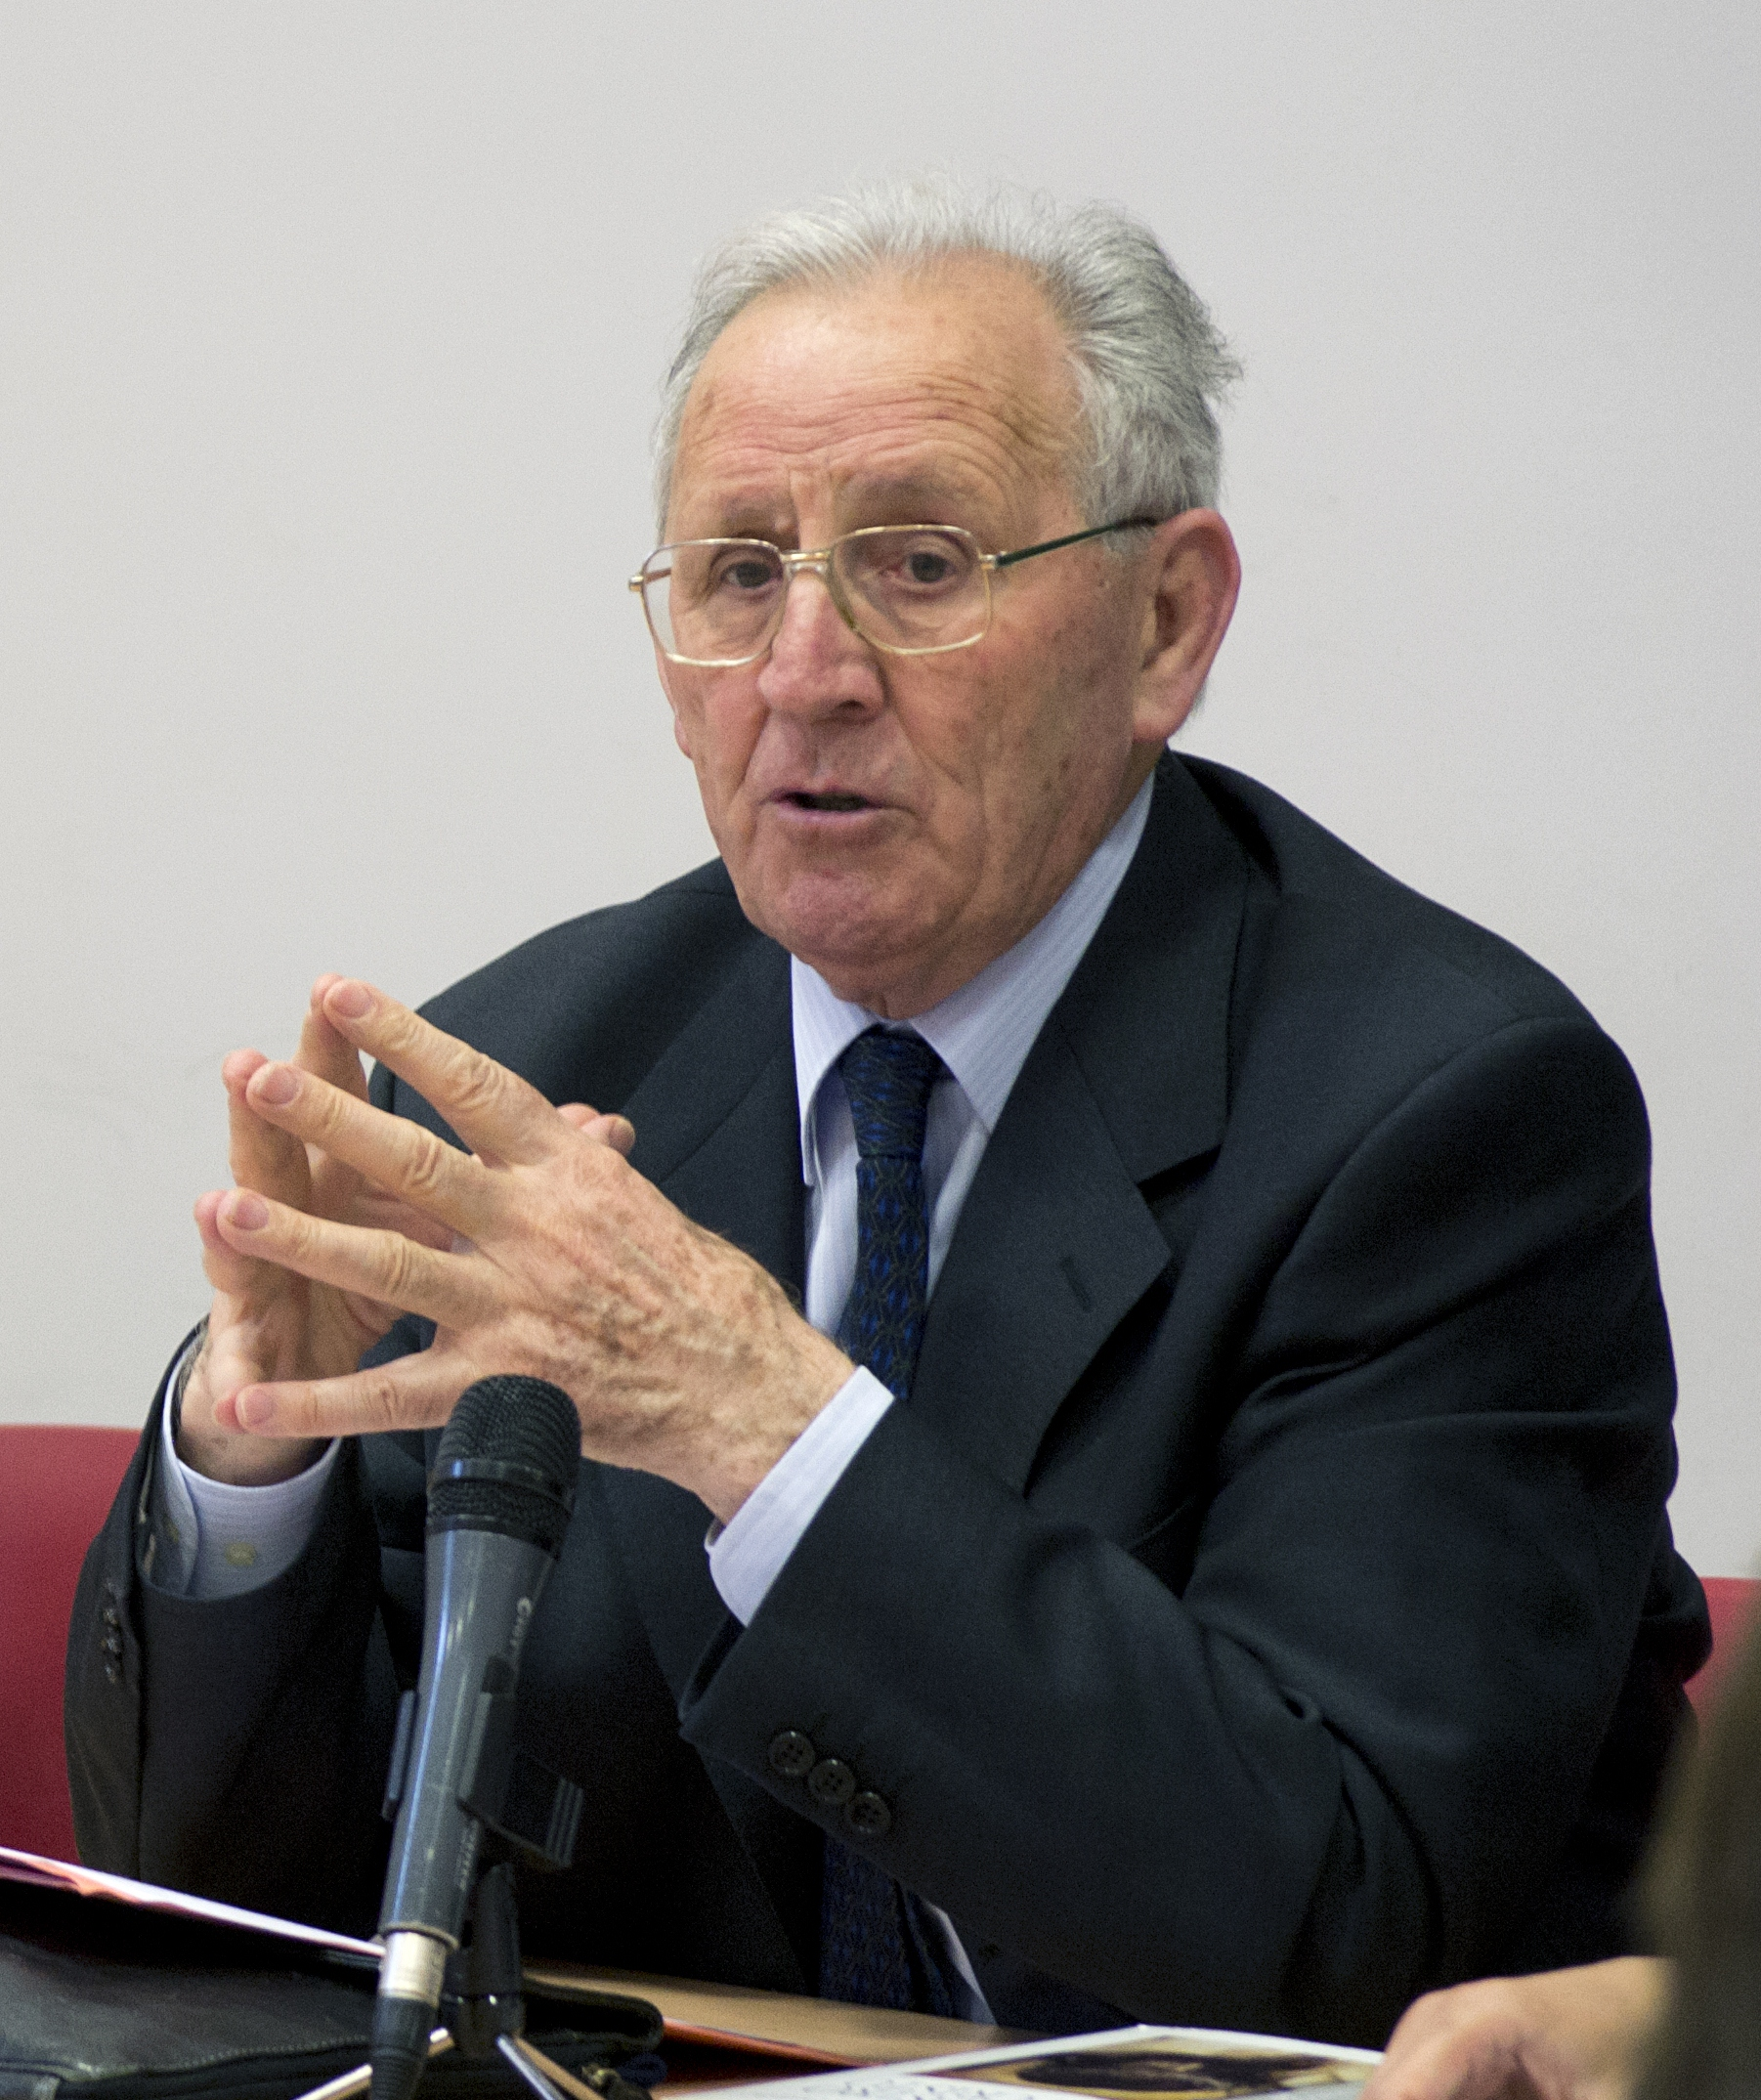 Olegario González de Cardedal in 2013